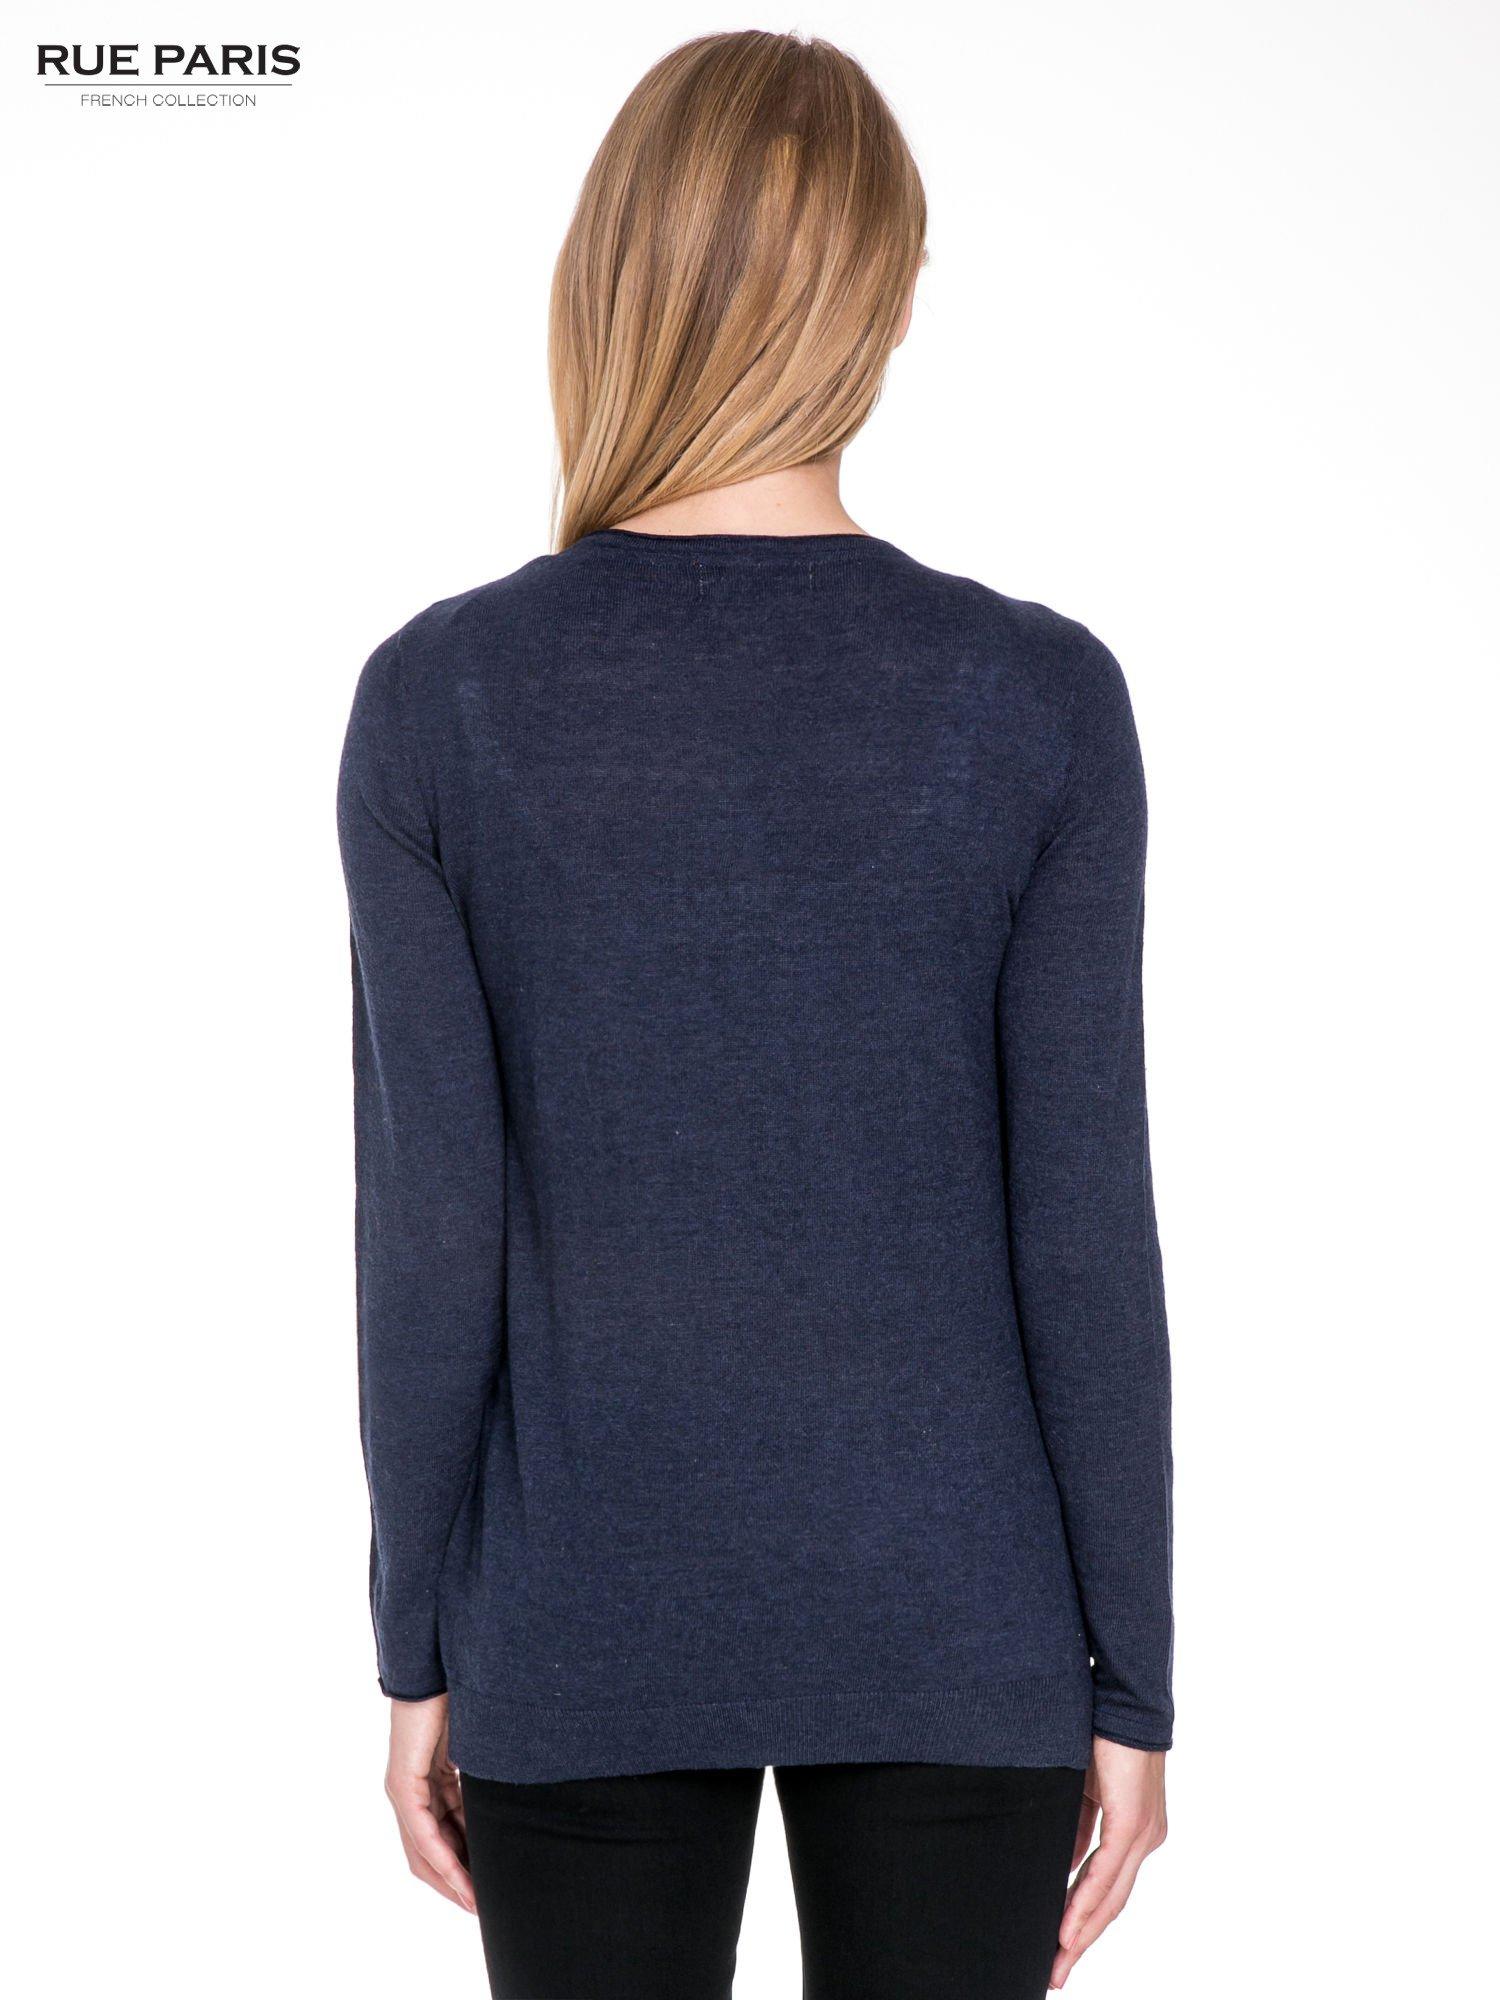 Granatowy sweterek kardigan o kaskadowym fasonie                                  zdj.                                  5